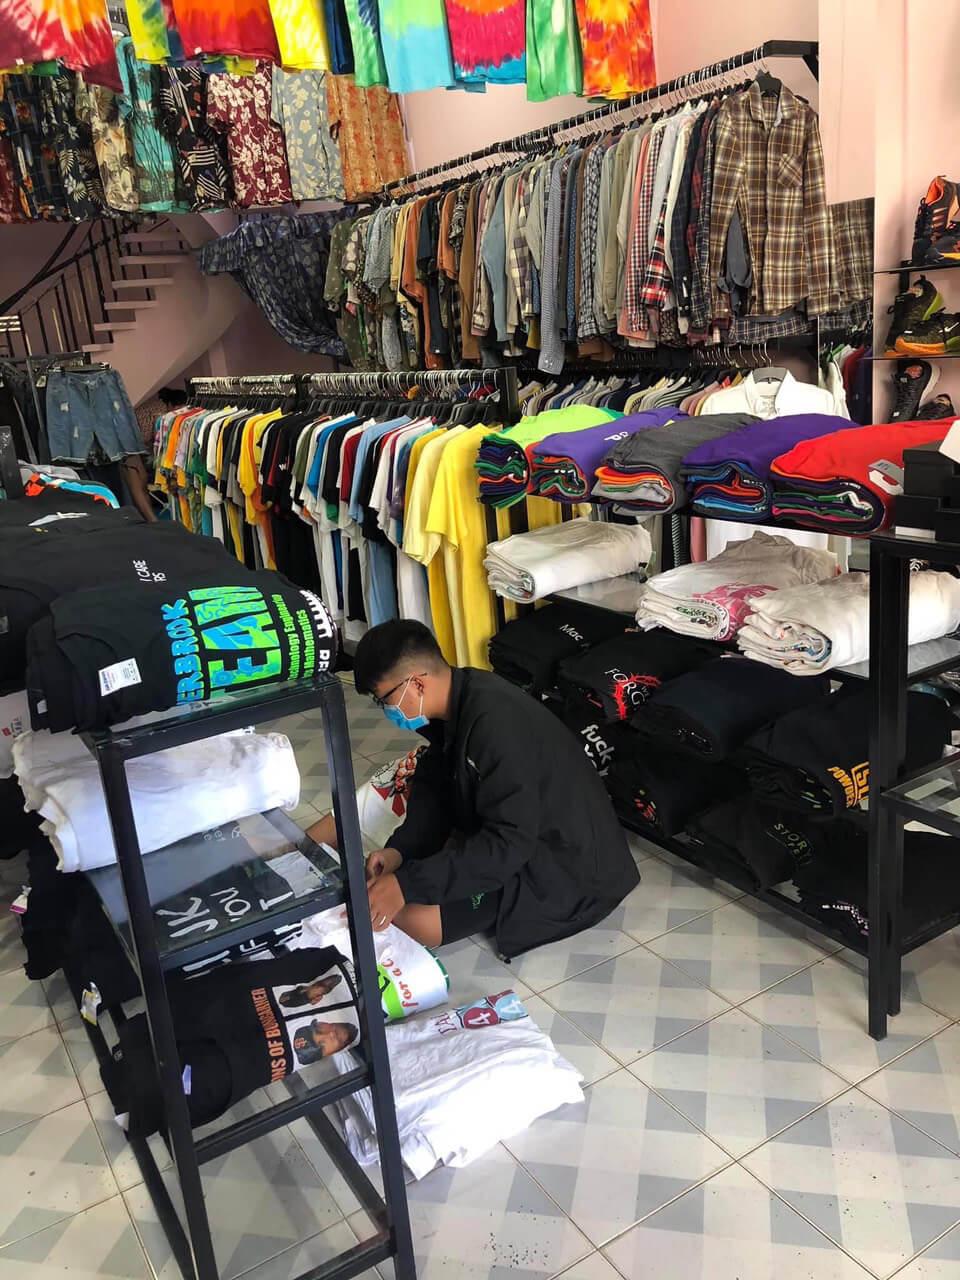 Ngày càng có nhiều người chuyển hướng sang kinh doanh quần áo hàng thùng vì lợi nhuận cao, nhu cầu thị trường lớn